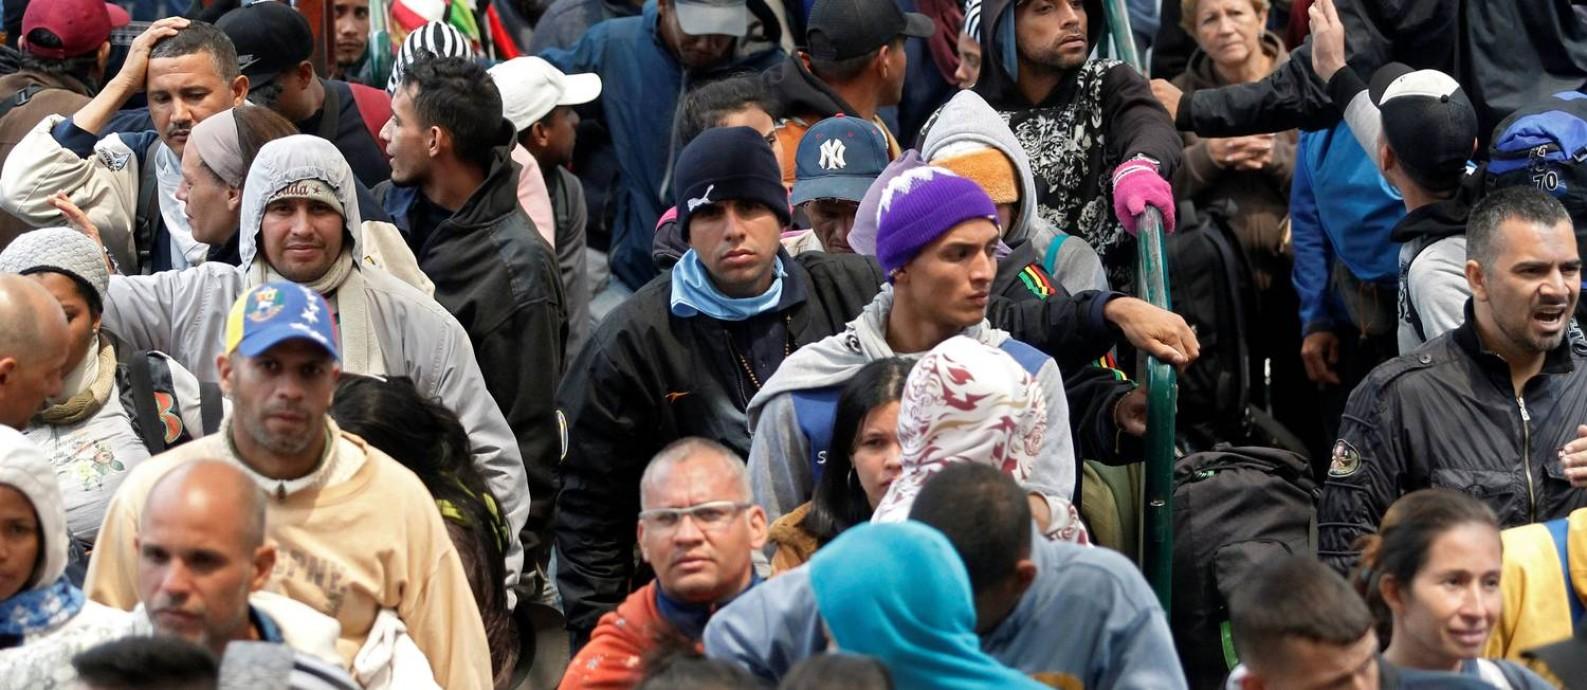 Venezuelanos fazem fila para registrar sua saída da Colômbia e entrar no Equador Foto: STRINGER / REUTERS